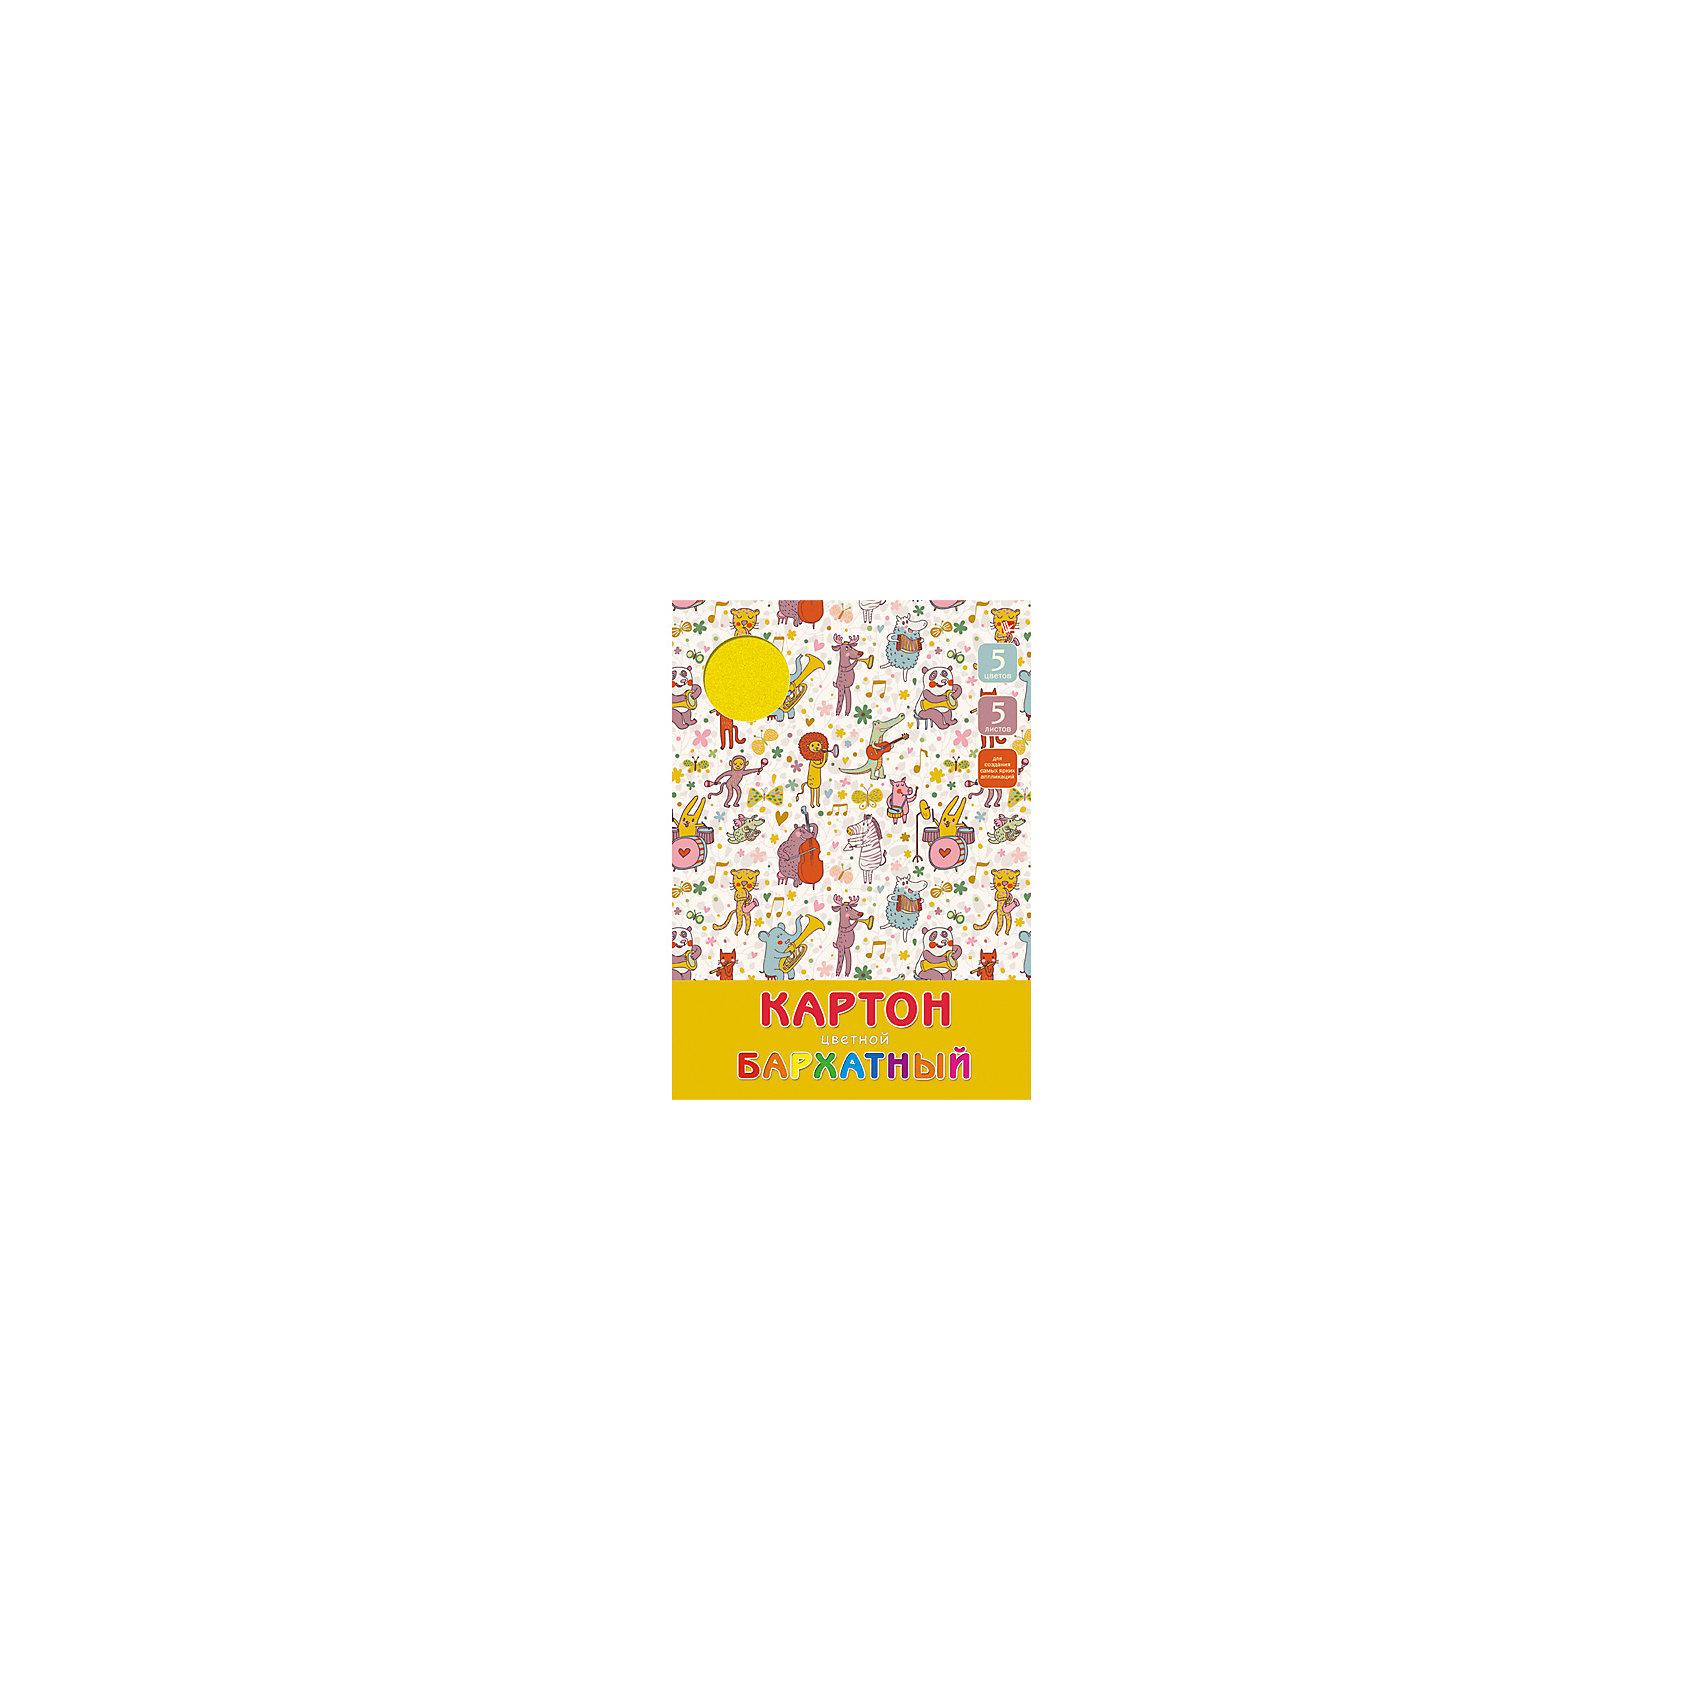 Бархатный цветной картон Звери-музыканты, 5л. 5цв.Бумажная продукция<br>Бархатный цветной картон Звери-музыканты отлично подойдет для детского творчества и создания интересных композиций. Яркая обложка и качественные материалы понравятся ребенку и помогут сотворить самые прекрасные поделки.<br><br>Дополнительная информация:<br>В комплекте: 5 разноцветных листов бархатного картона<br>Обложка: картон<br>Формат: А4<br>Бархатный цветной картон Звери-музыканты можно приобрести в нашем интернет-магазине.<br><br>Ширина мм: 280<br>Глубина мм: 200<br>Высота мм: 5<br>Вес г: 123<br>Возраст от месяцев: 72<br>Возраст до месяцев: 2147483647<br>Пол: Унисекс<br>Возраст: Детский<br>SKU: 4942462